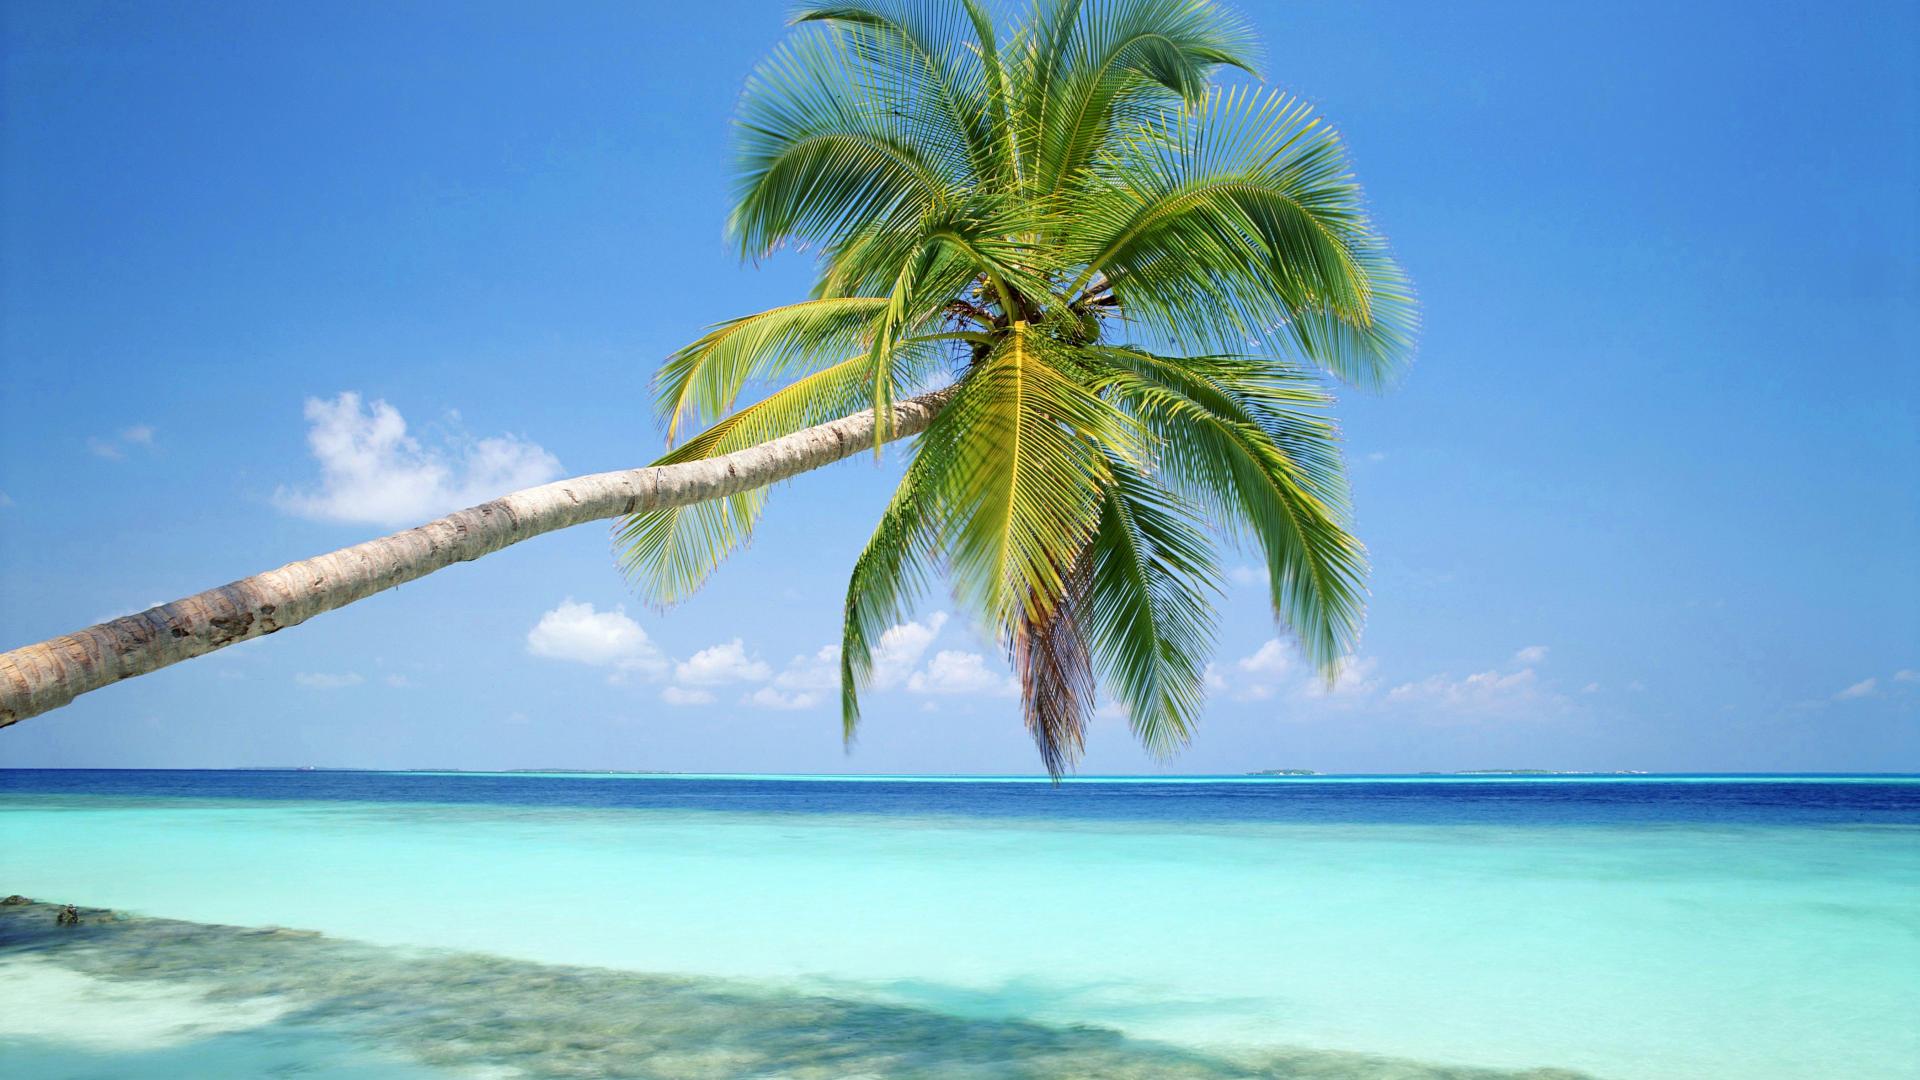 Ile Tropicale Aux Maldives 10 000 Fonds D Ecran Hd Gratuits Et De Qualite Wallpapers Hd